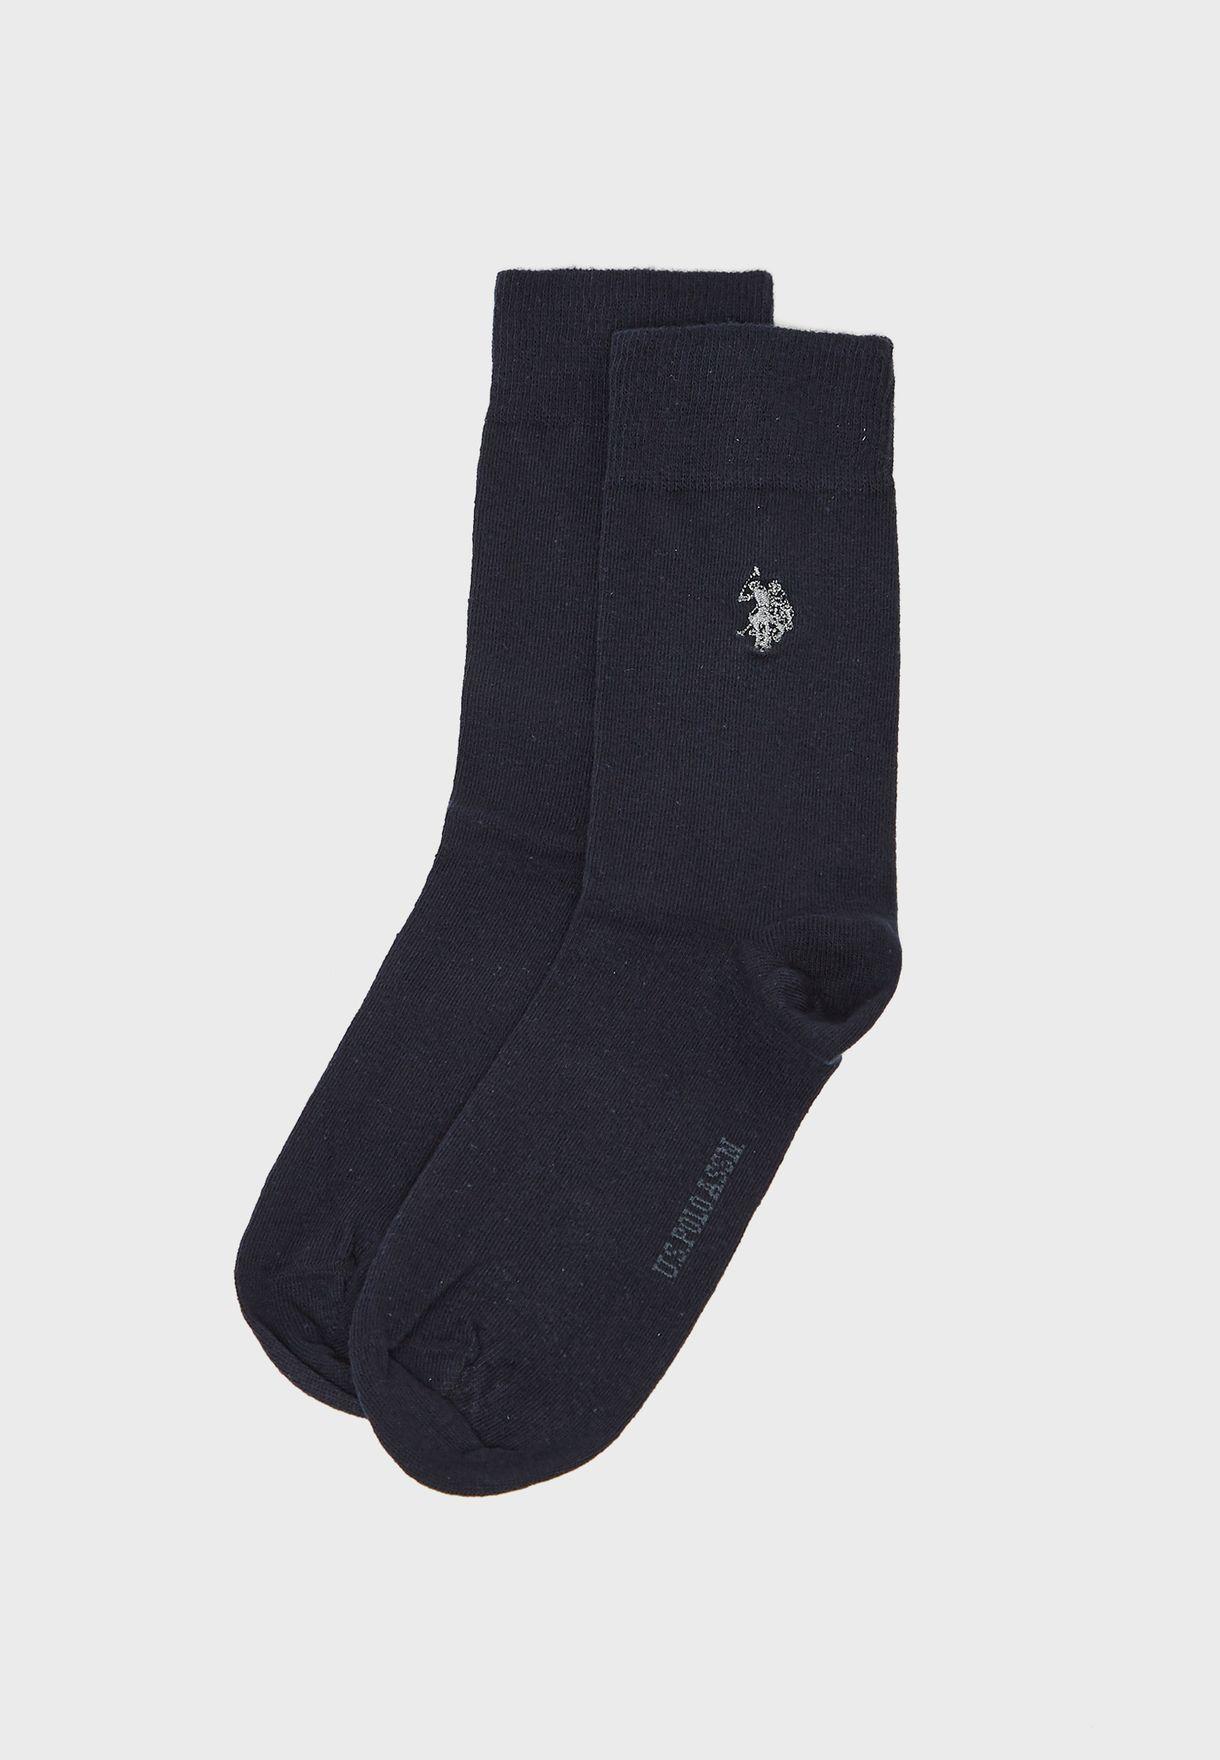 جوارب مزينة بشعار الماركة